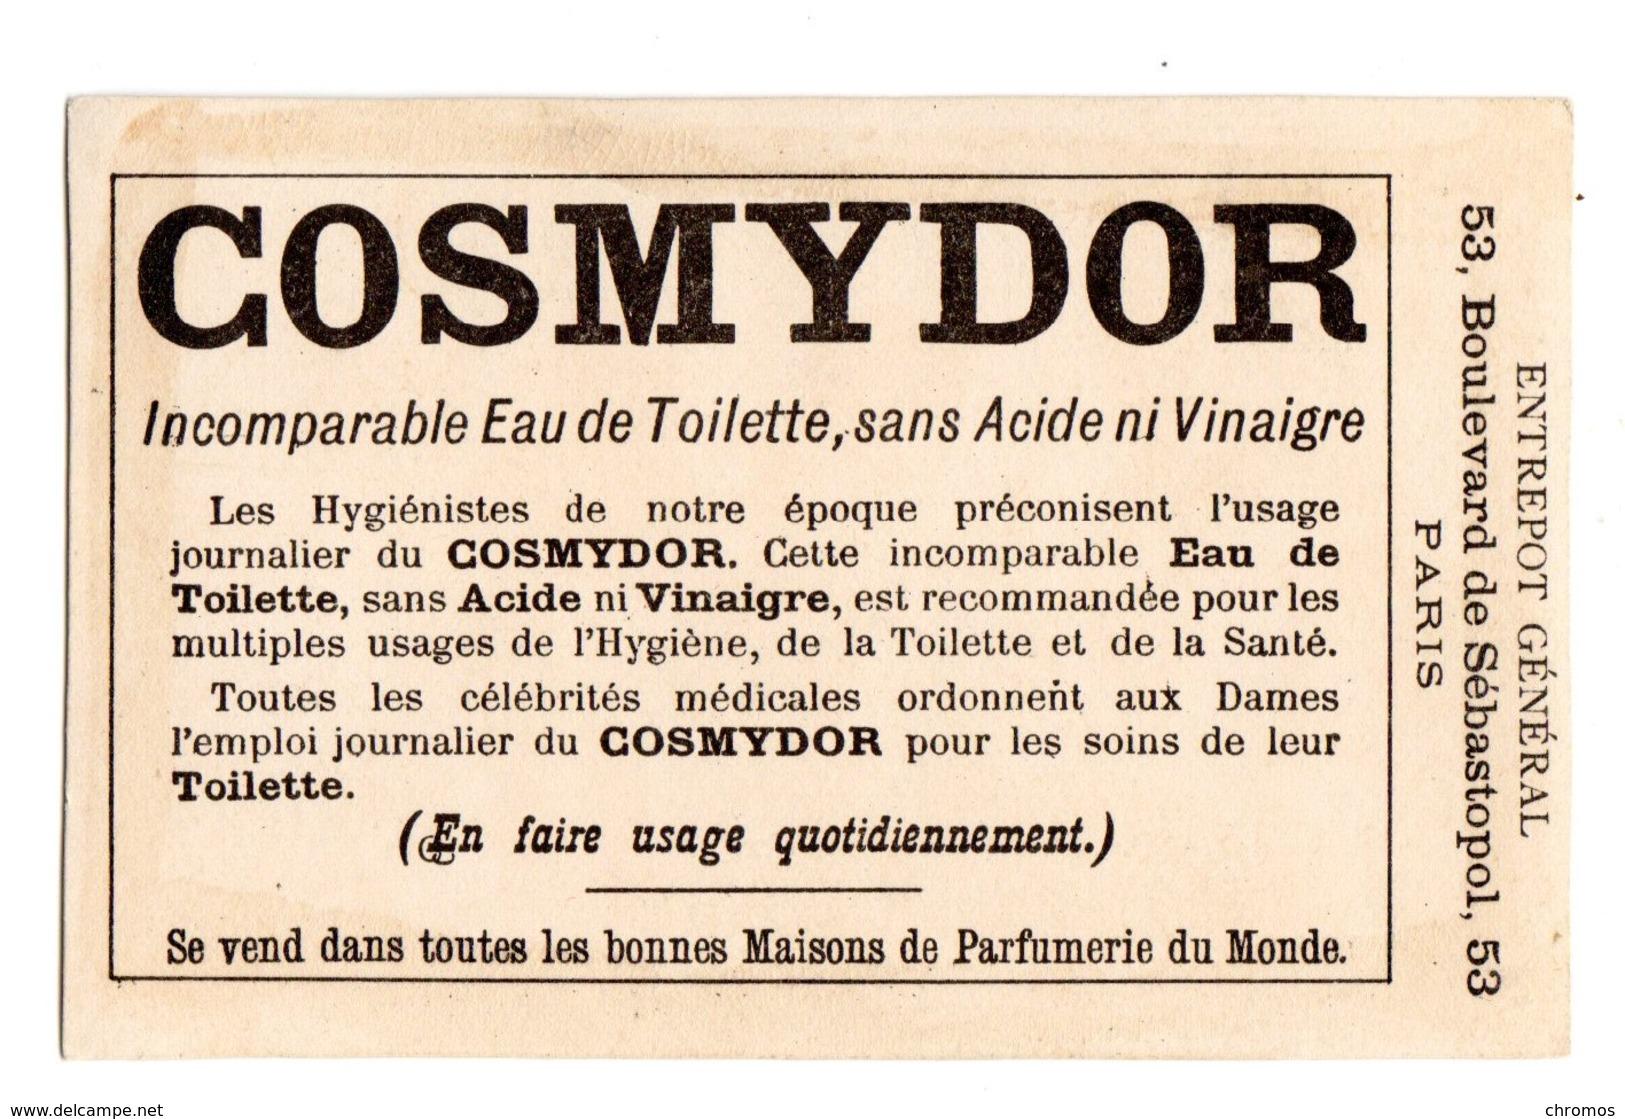 Chromo Imp. BOGNARD, Sorisi 3-106, Cosmydor - Chromos